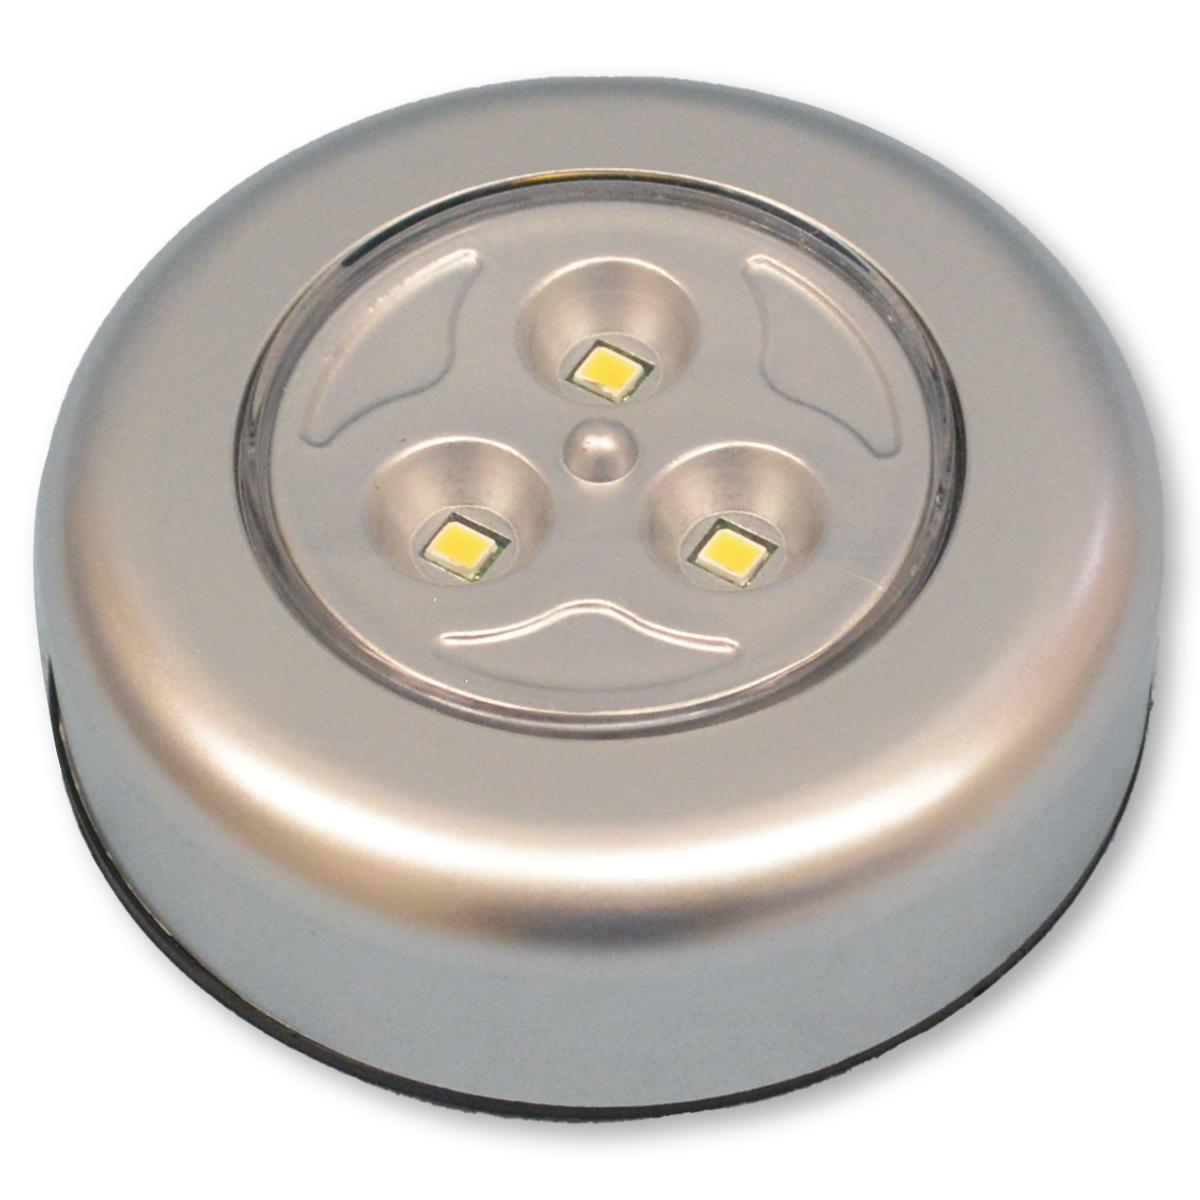 暖かい色味のLEDライトです プッシュLEDライト 3灯式 メーカー直売 暖色 電池別売 出荷 工作 照明